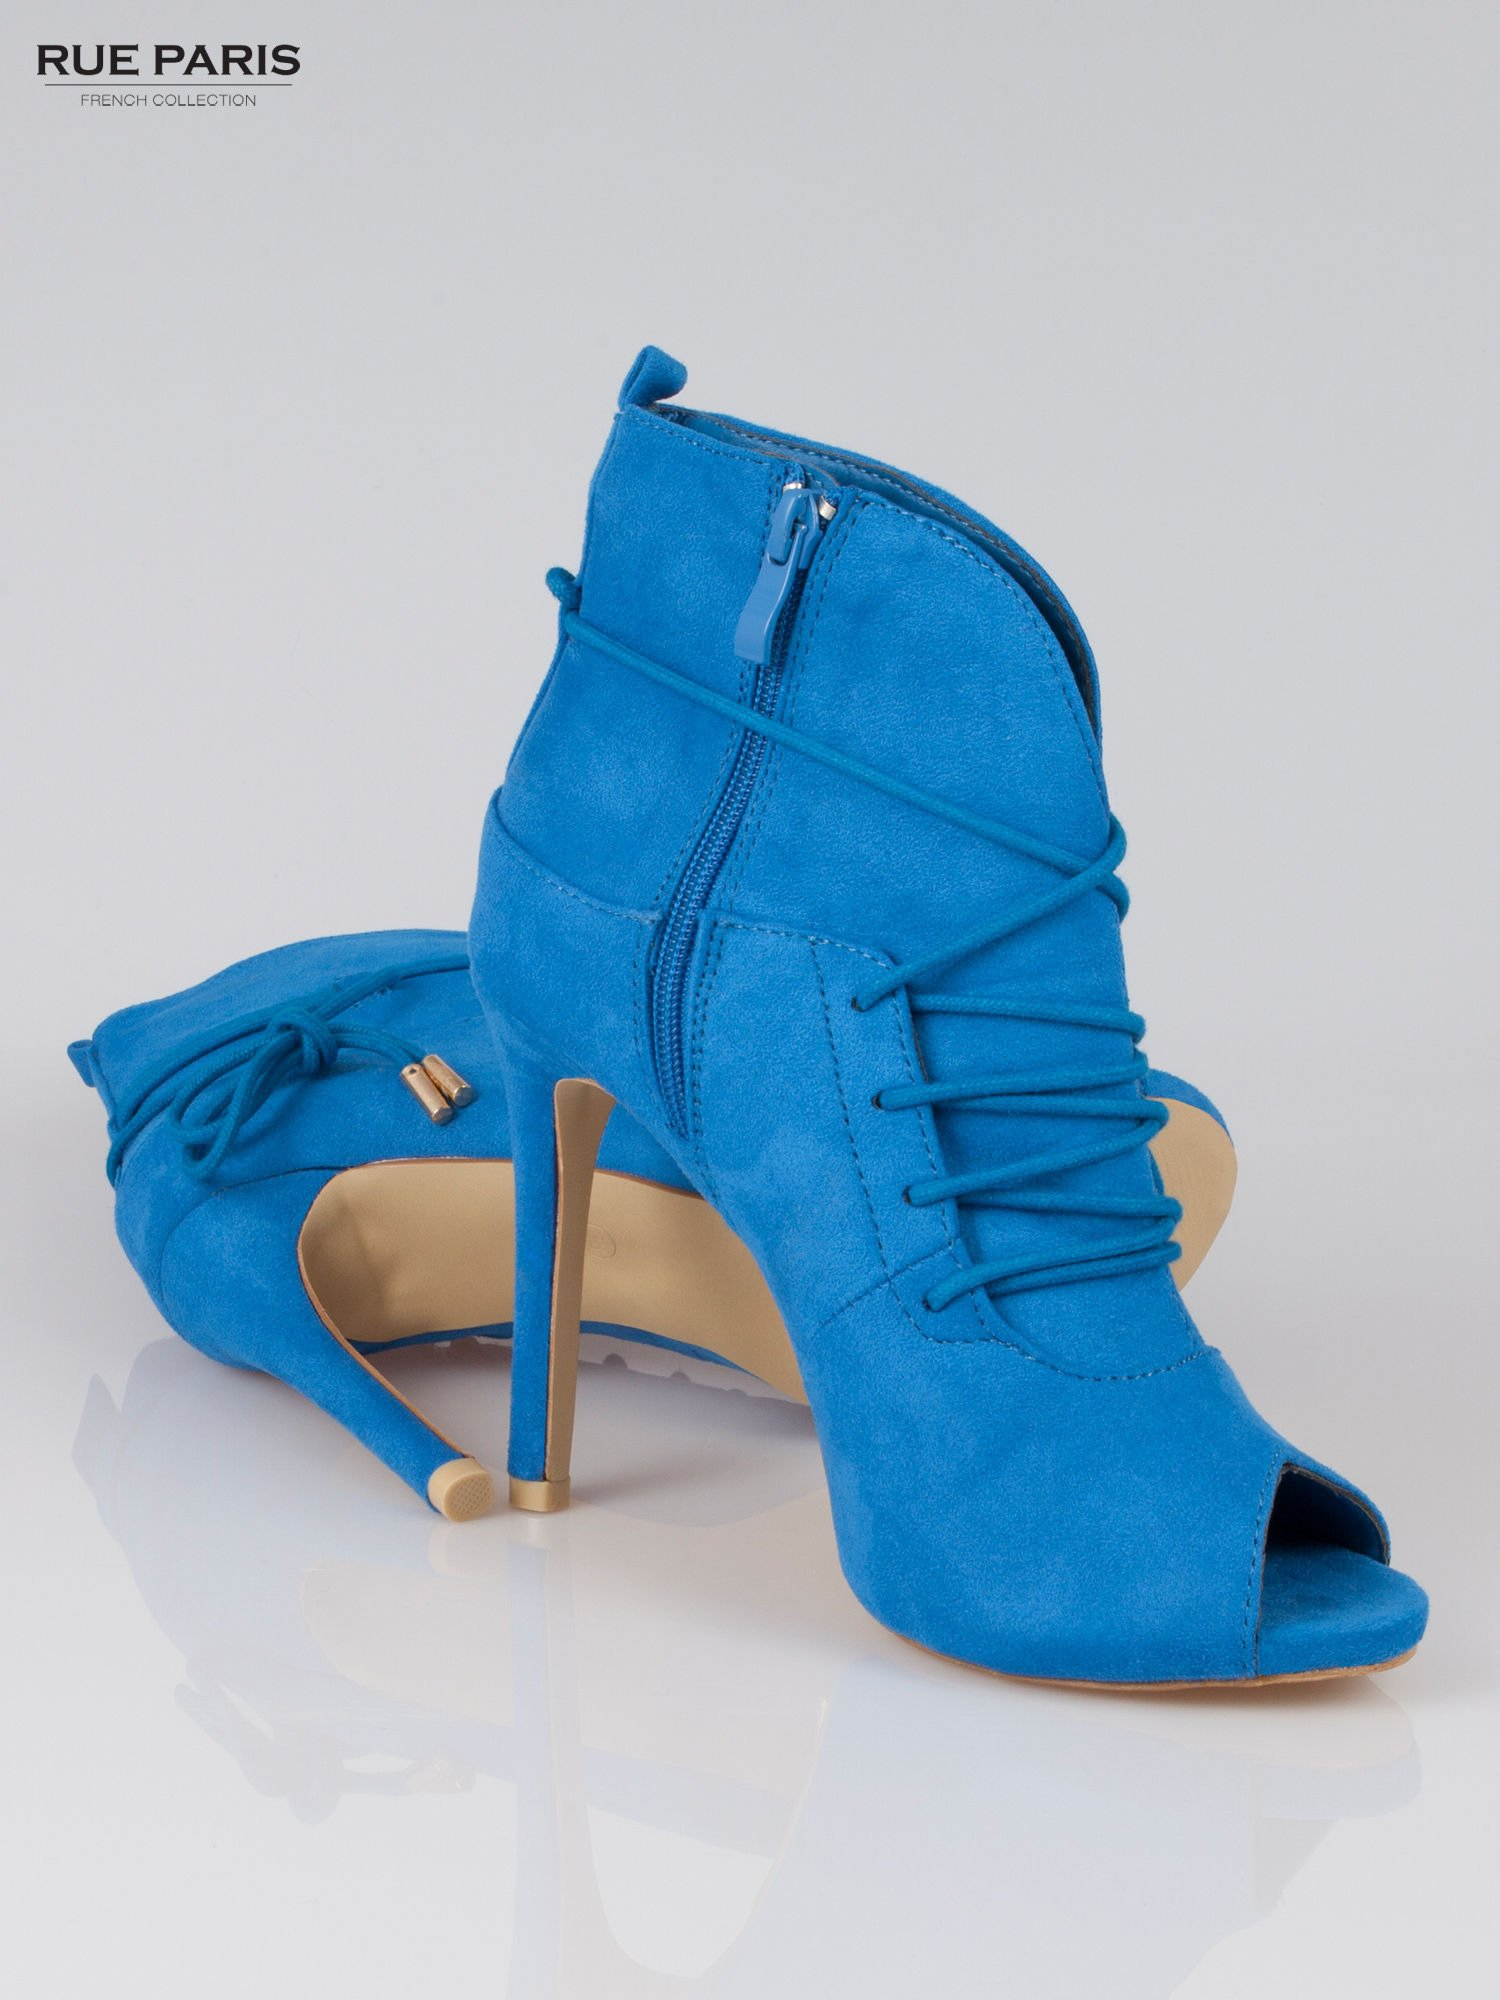 Kobaltowe wiązane botki faux suede Elsa lace up                                  zdj.                                  4